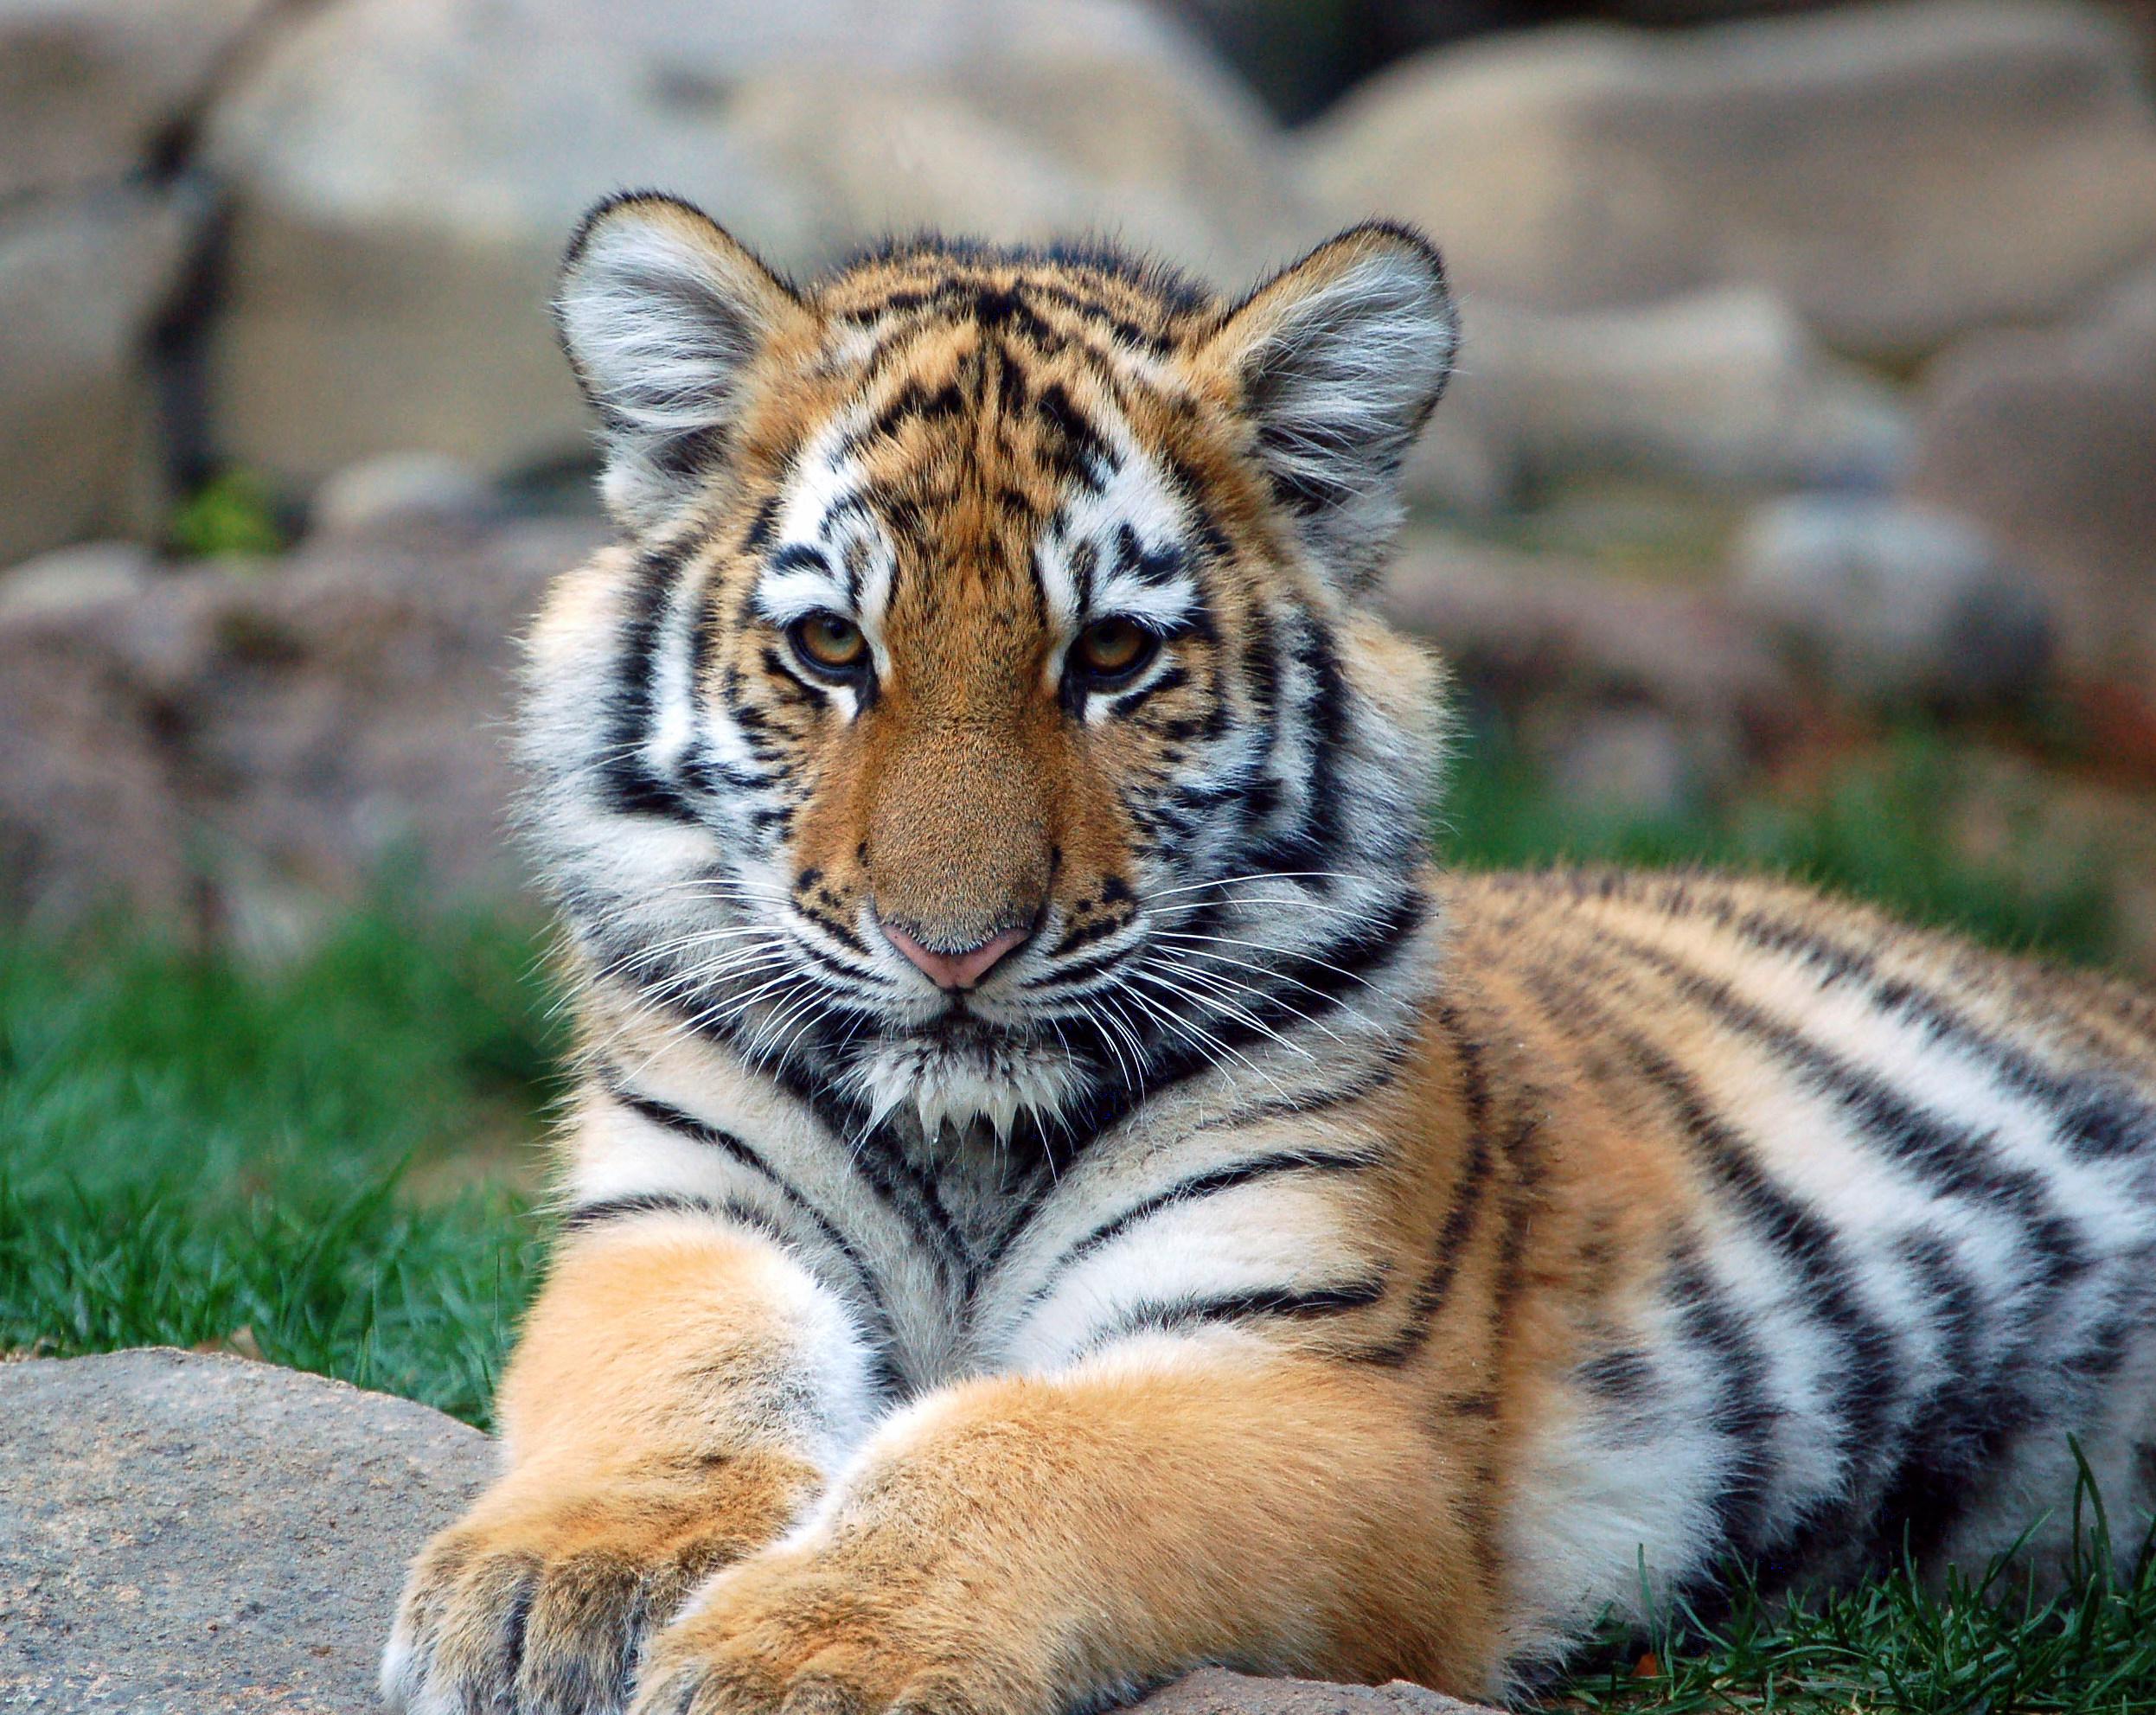 File:Big Tiger Cub.jpg - Wikimedia Commons